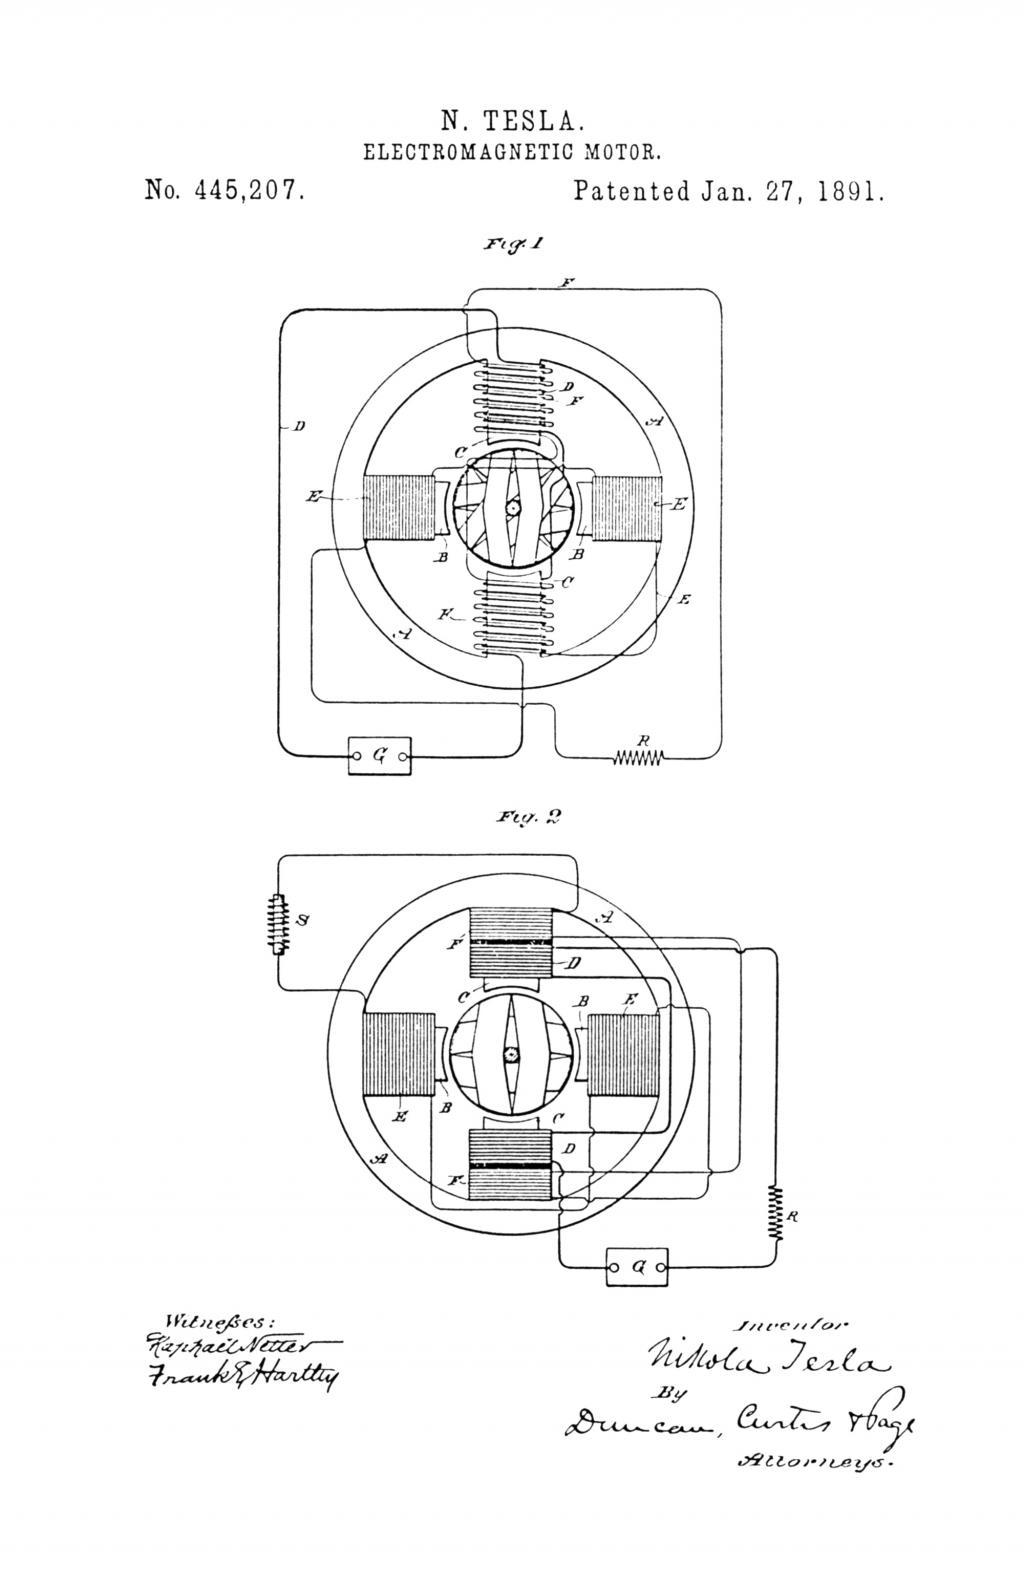 nikola tesla u s patent 445 207 electro magnetic motor [ 1024 x 1587 Pixel ]